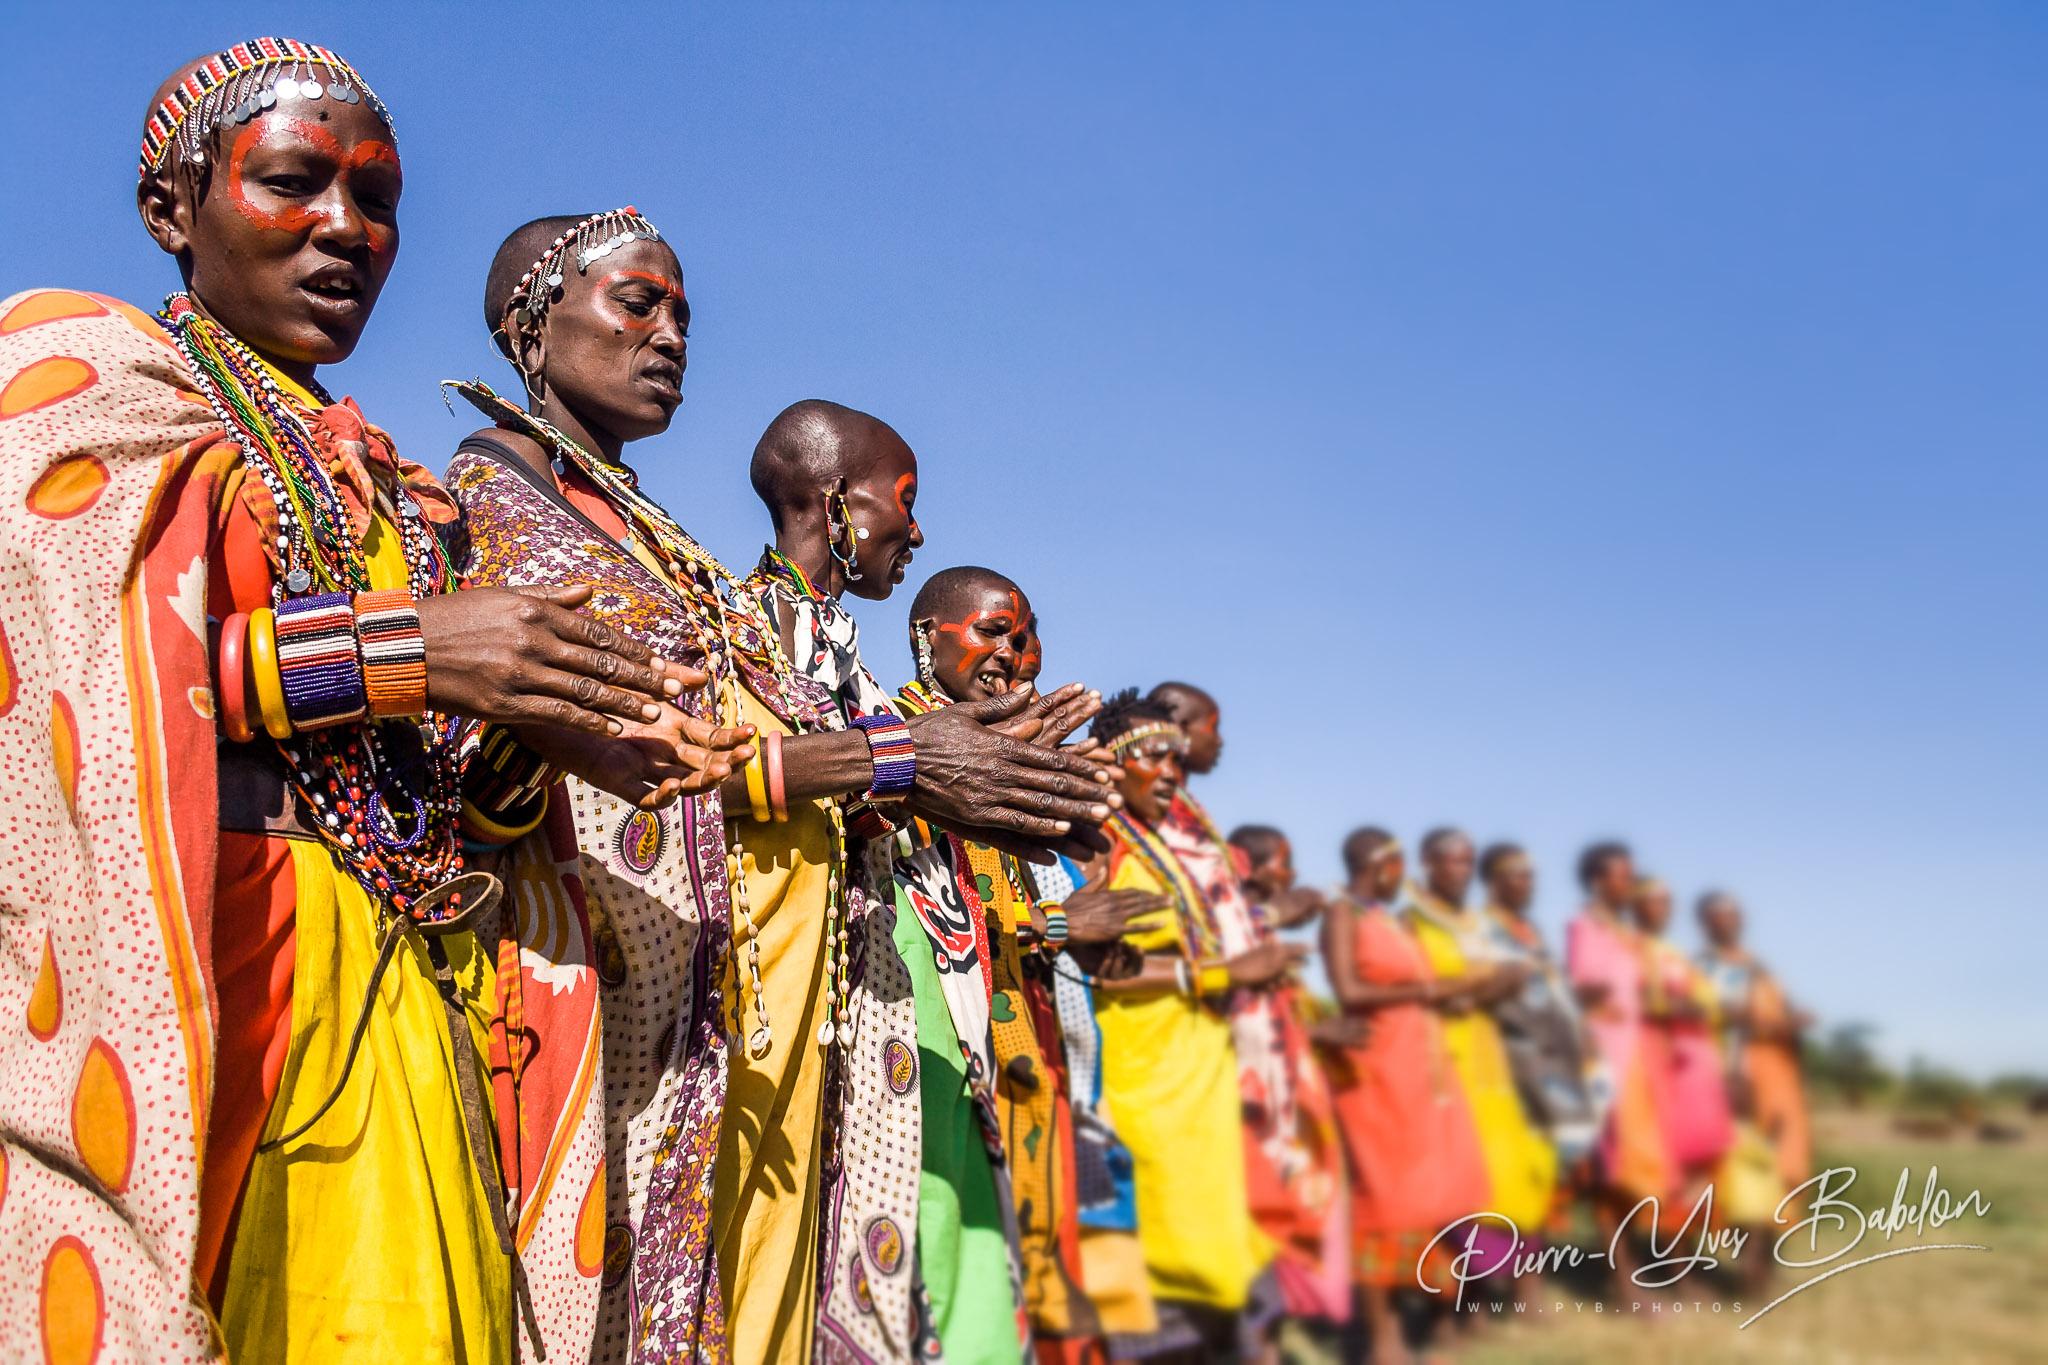 Femmes Masai du Kenya en costume traditionnel lors d'une cérémonie